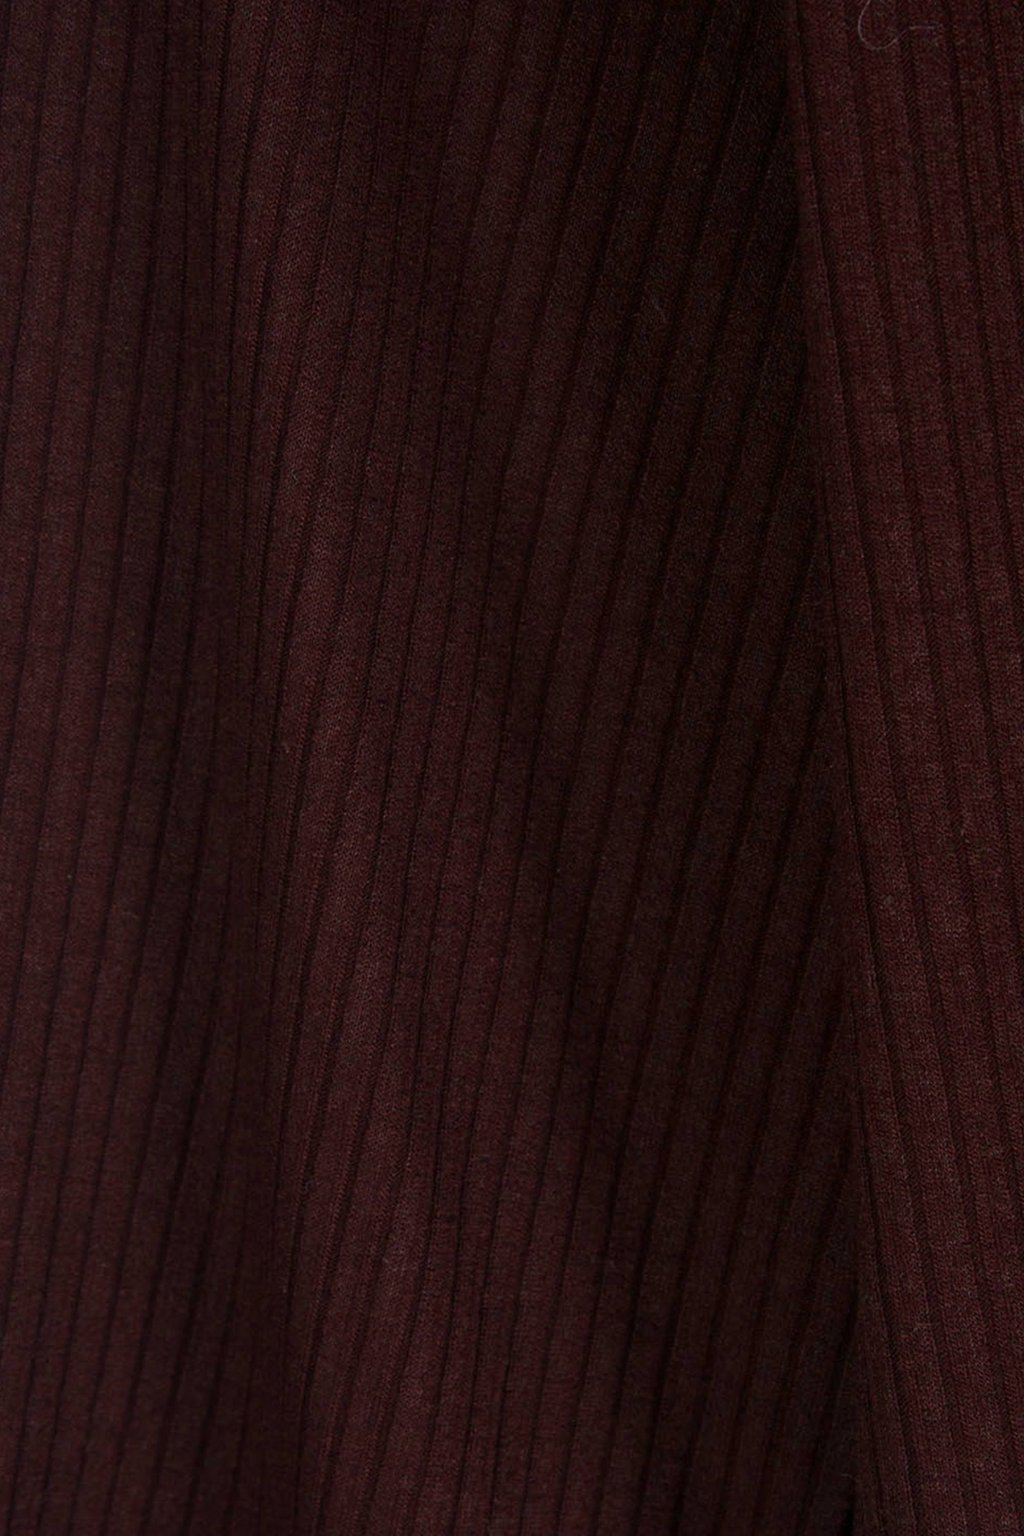 TShirt H463 Wine 8